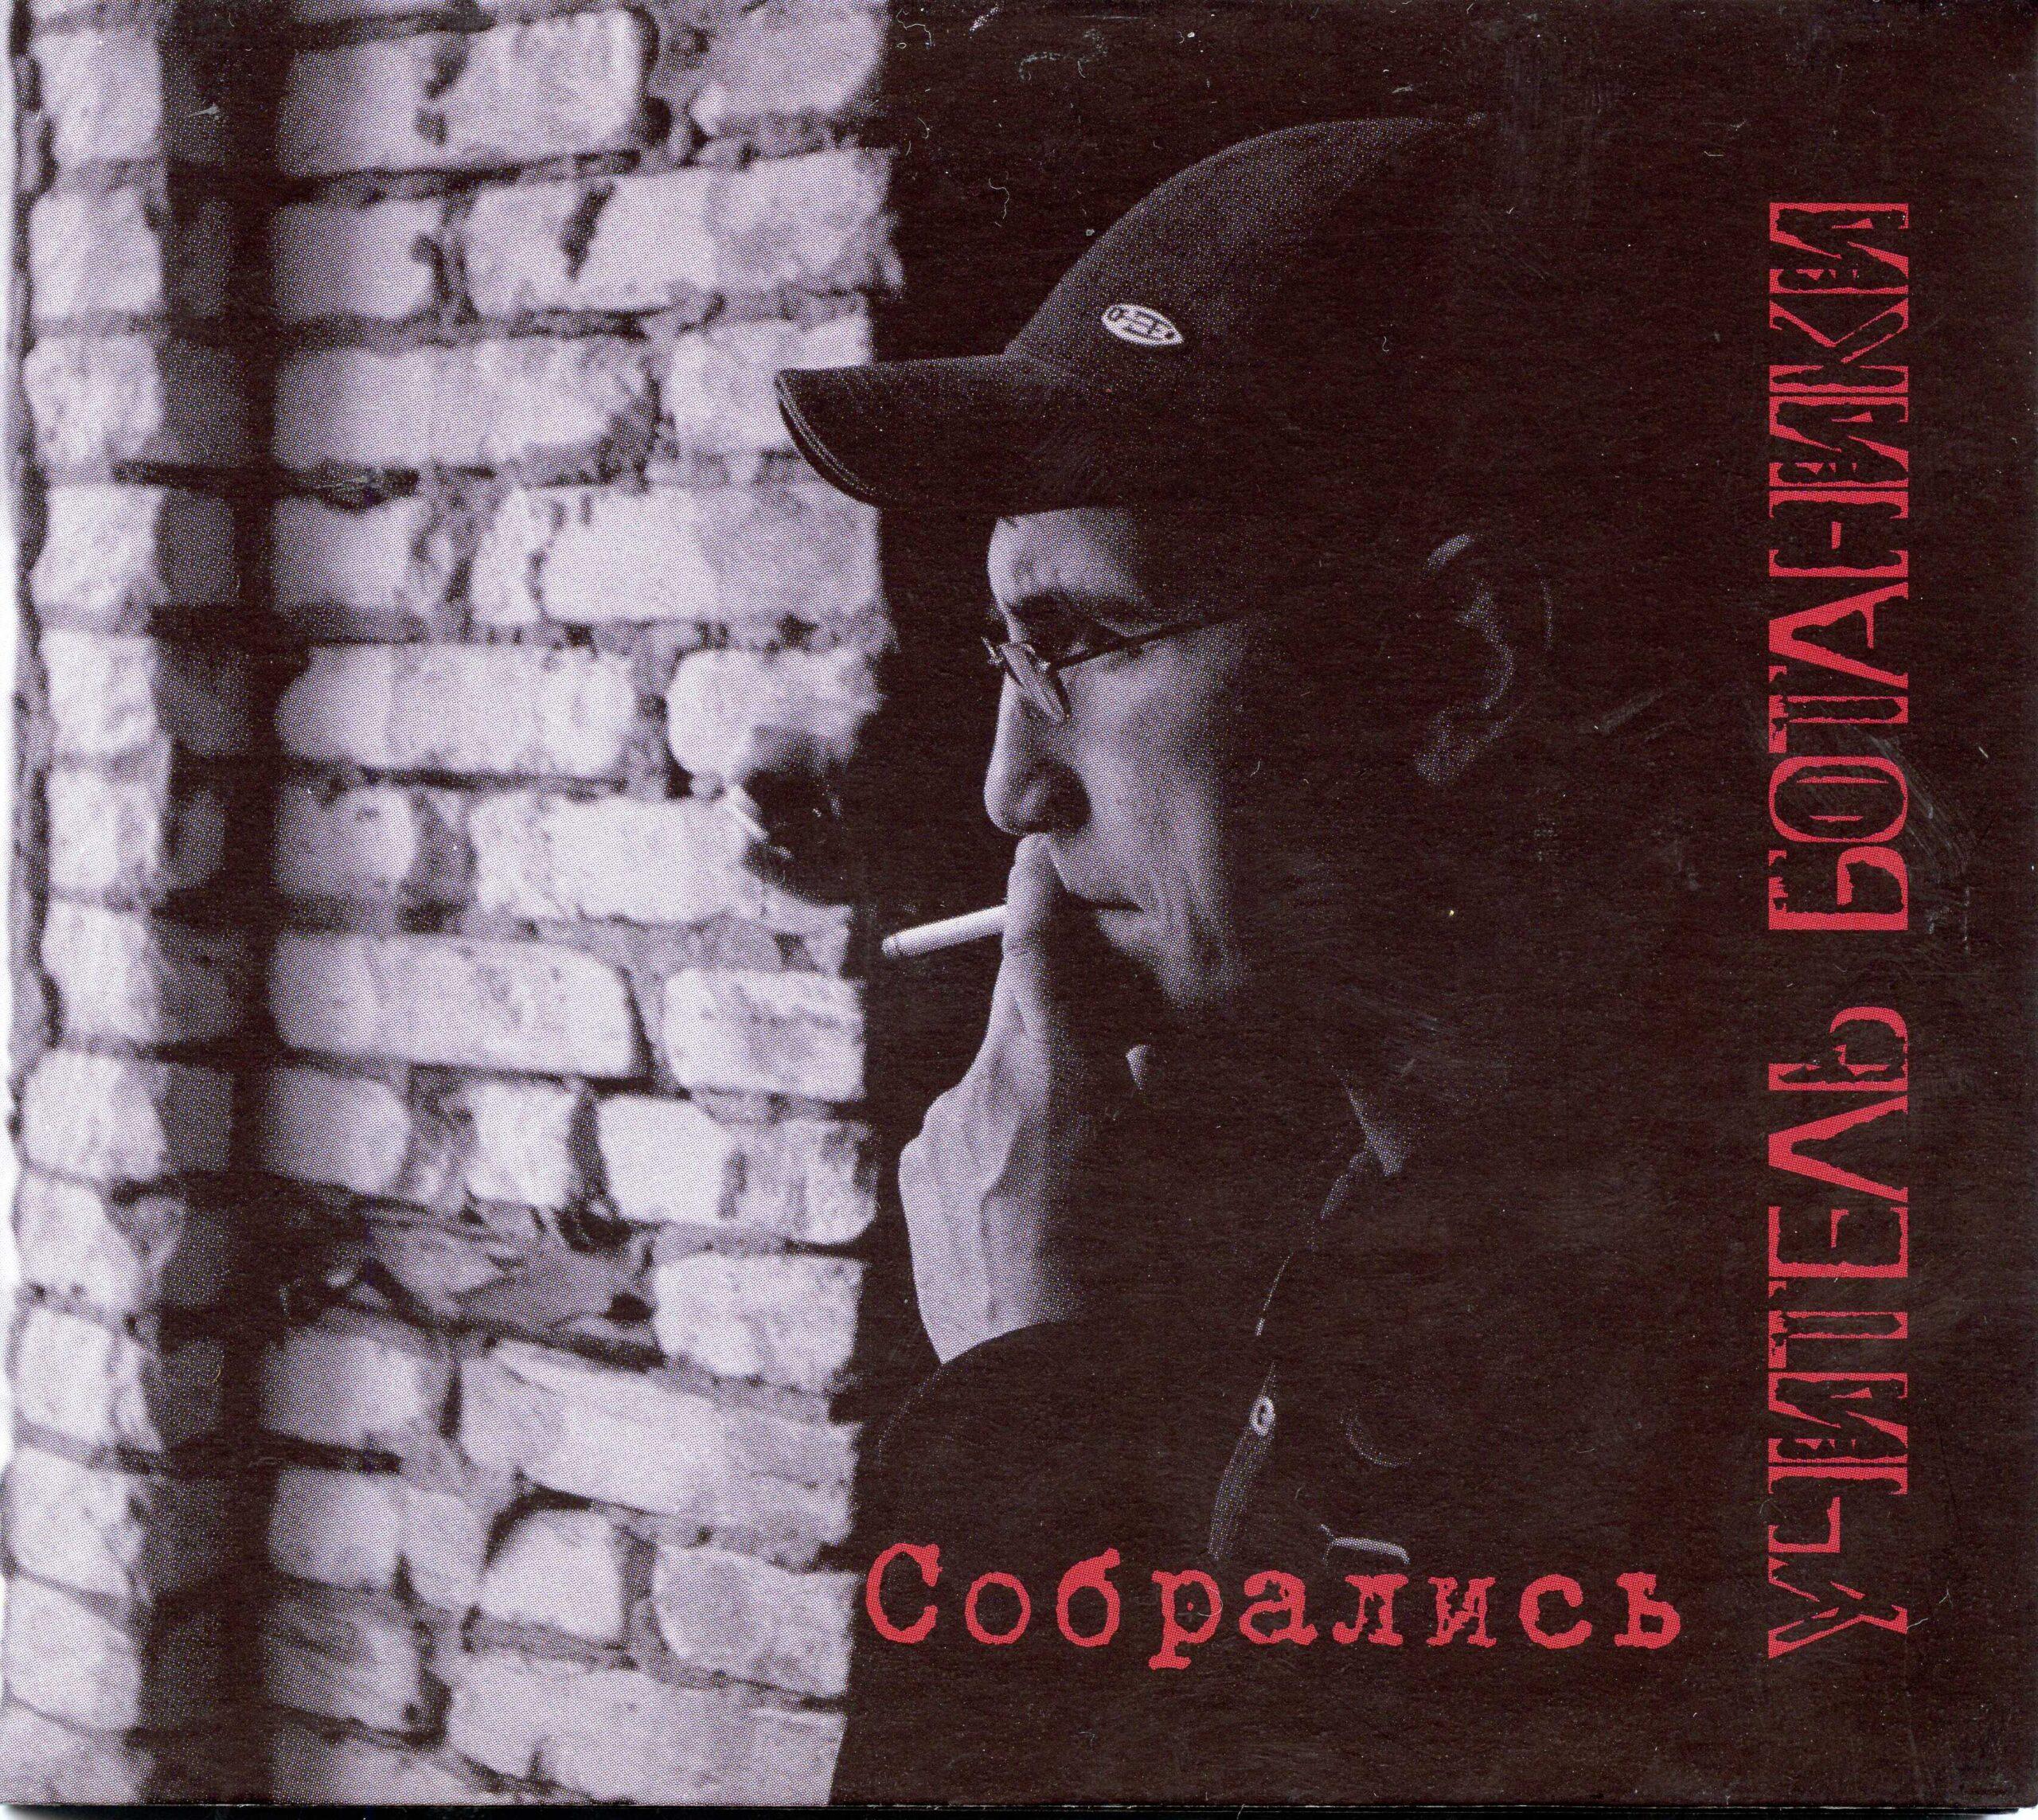 Учитель Ботаники — Собрались (2004)